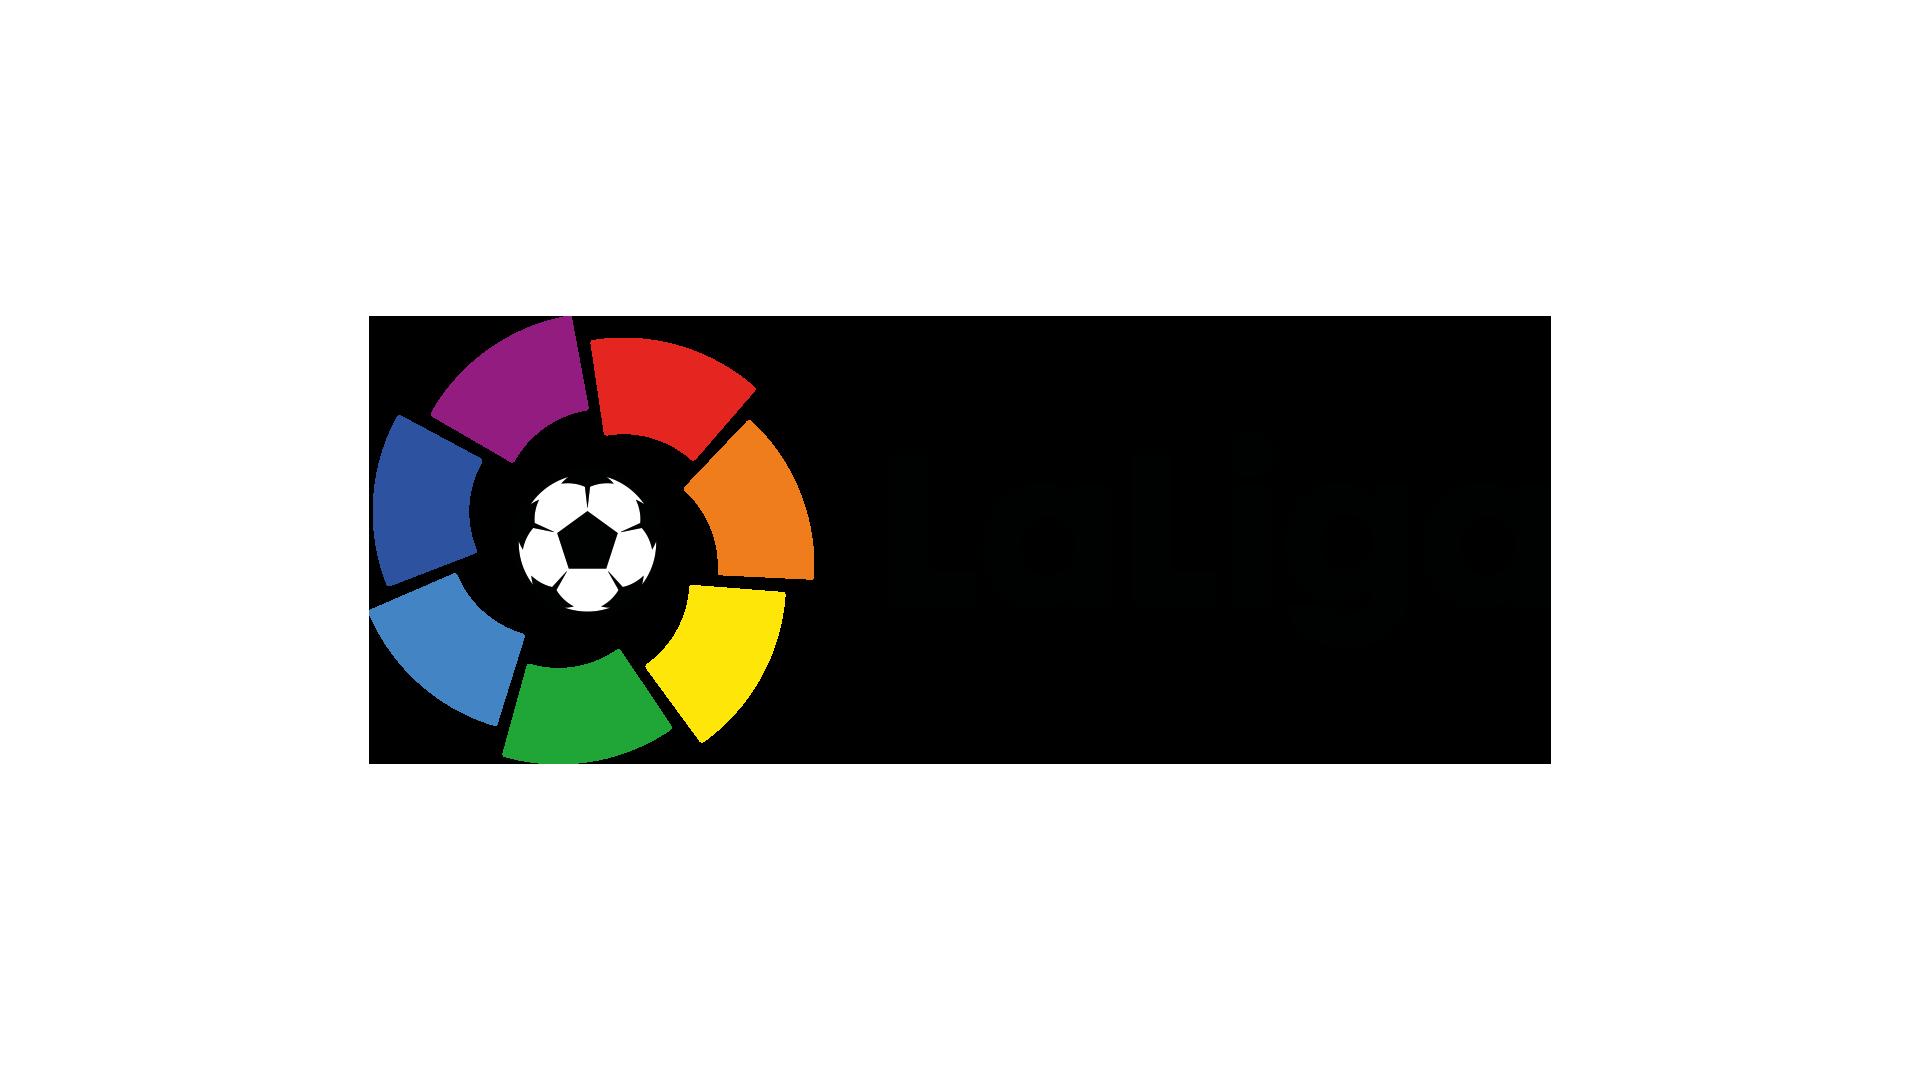 Covid-19: La Liga Suspended